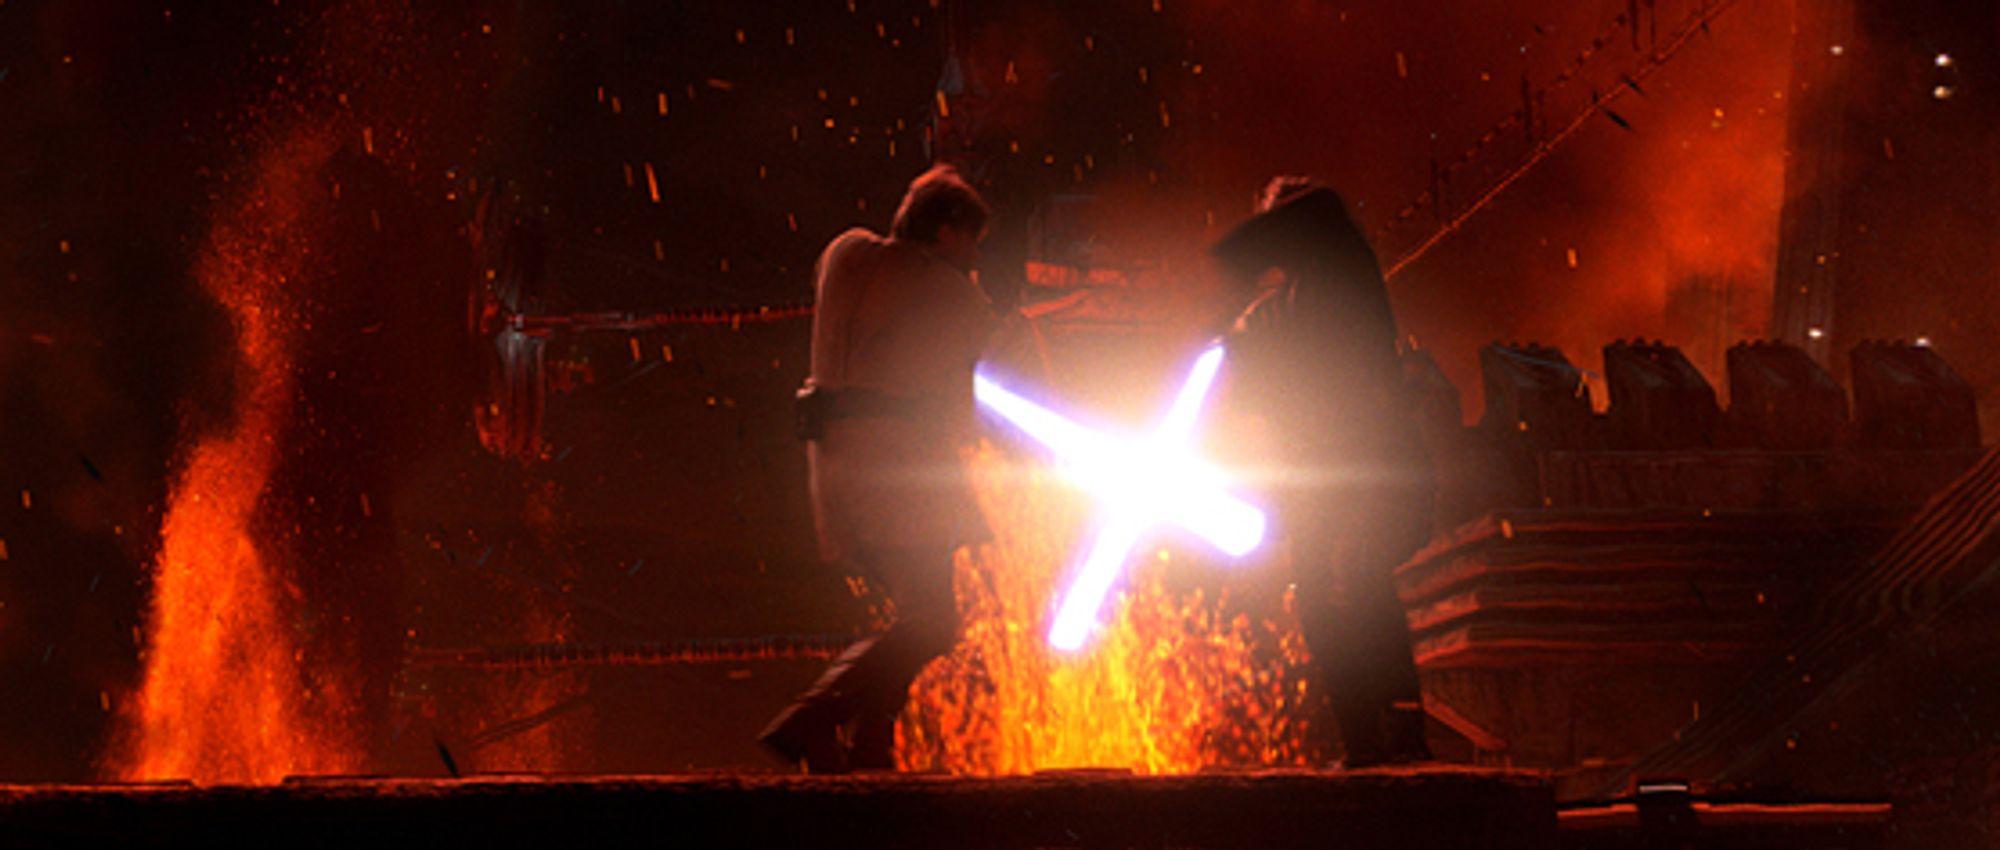 Jedi-religion har en klar formening om godt og ondt.